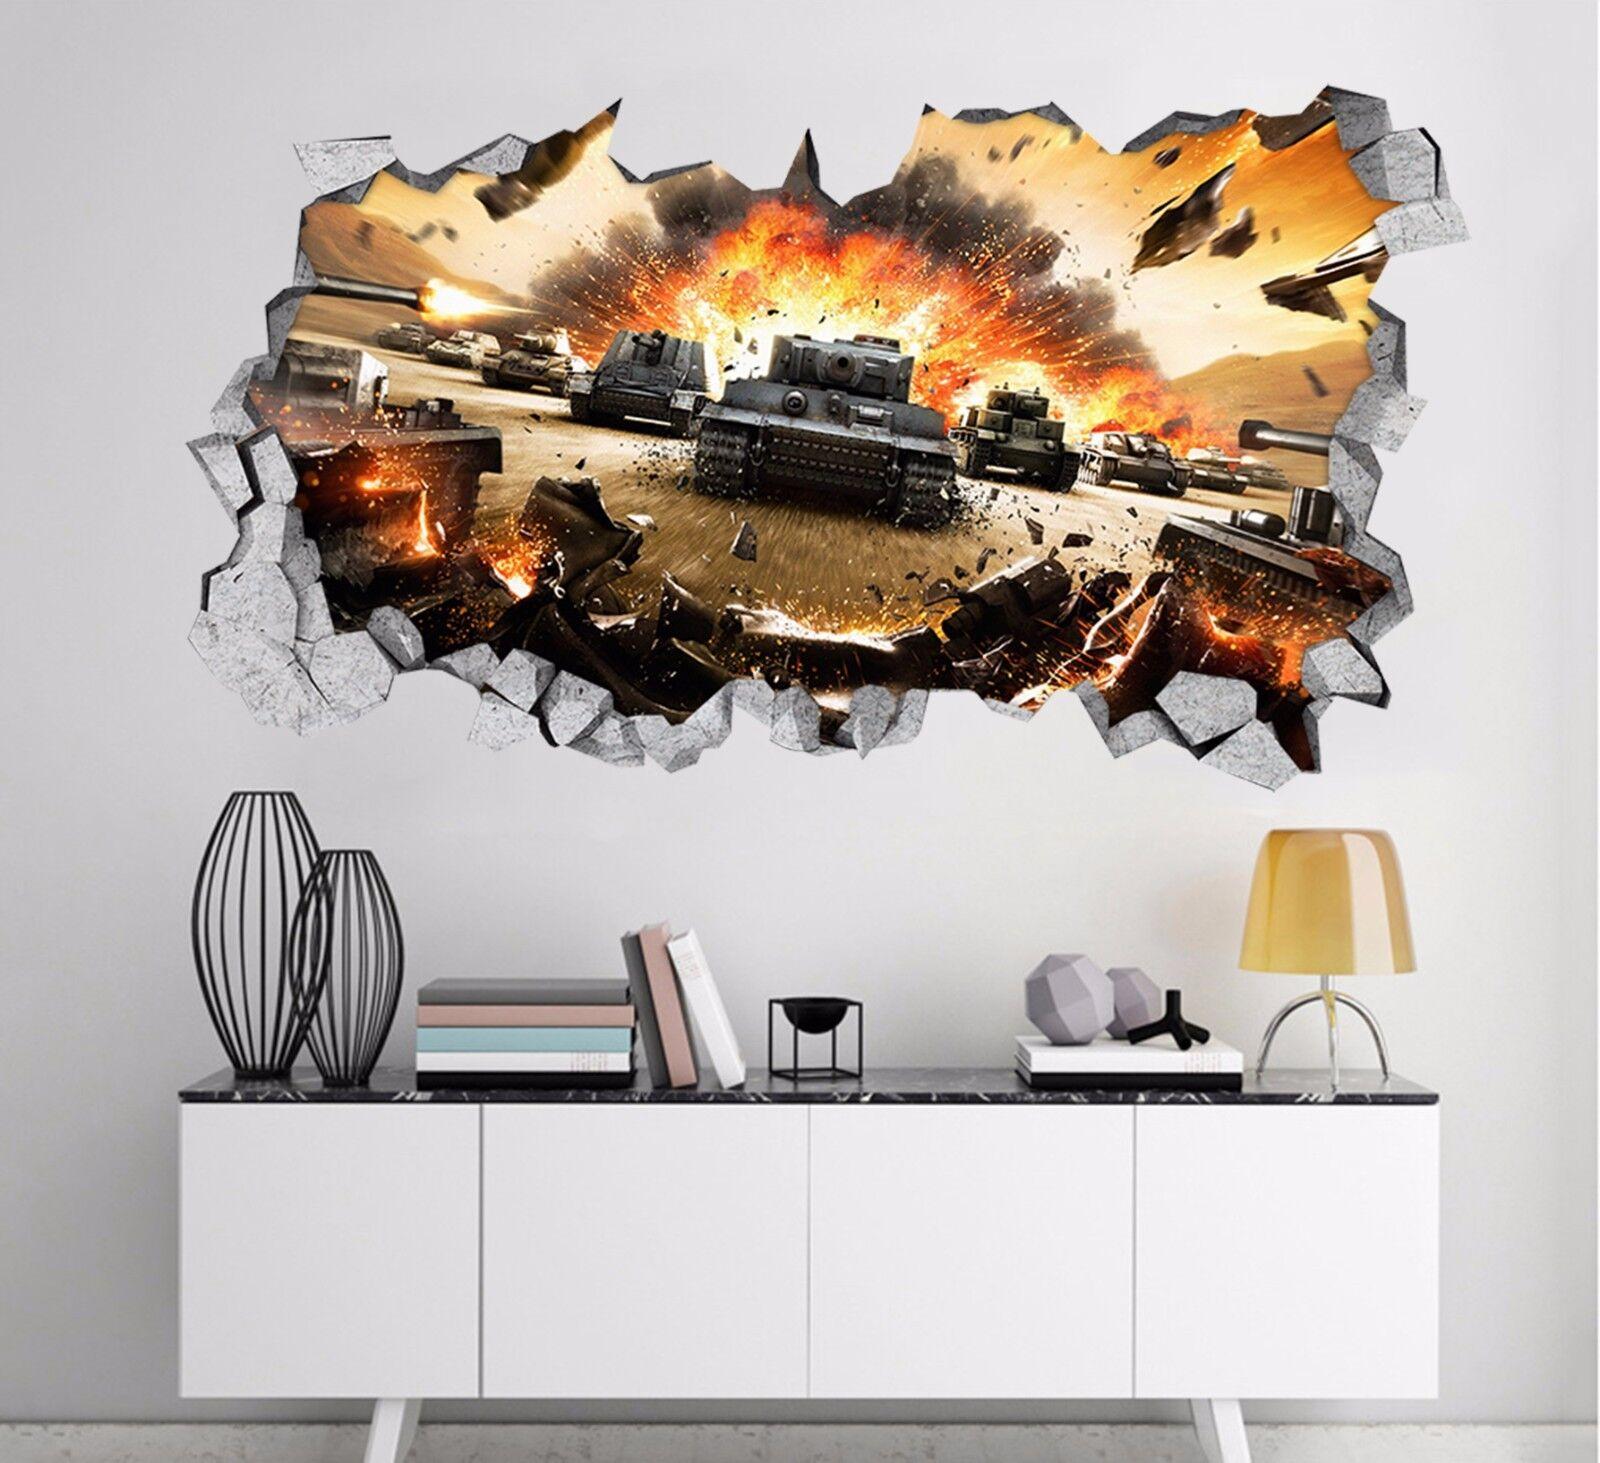 3D Tank Krieg 5 Mauer Murals Aufklebe Decal Durchbruch AJ WALLPAPER DE Kyra